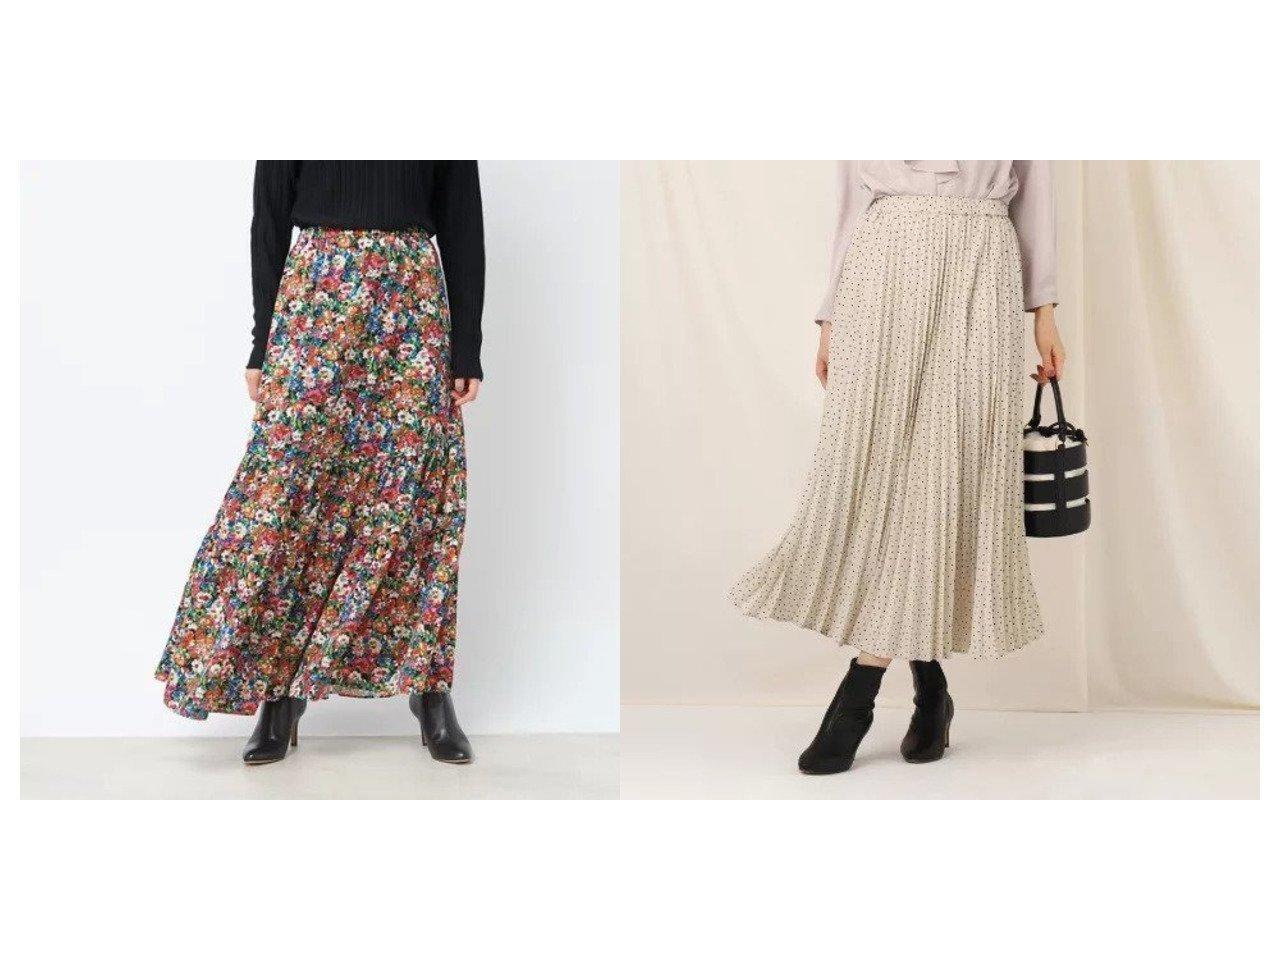 【Rouge vif/ルージュ ヴィフ】のフラワープリント切り替えスカート&【Couture Brooch/クチュール ブローチ】のフローキードットプリーツスカート スカートのおすすめ!人気、レディースファッションの通販 おすすめで人気のファッション通販商品 インテリア・家具・キッズファッション・メンズファッション・レディースファッション・服の通販 founy(ファニー) https://founy.com/ ファッション Fashion レディース WOMEN スカート Skirt プリーツスカート Pleated Skirts タイツ フラワー プリント マキシ ロング 冬 Winter プリーツ  ID:crp329100000002694